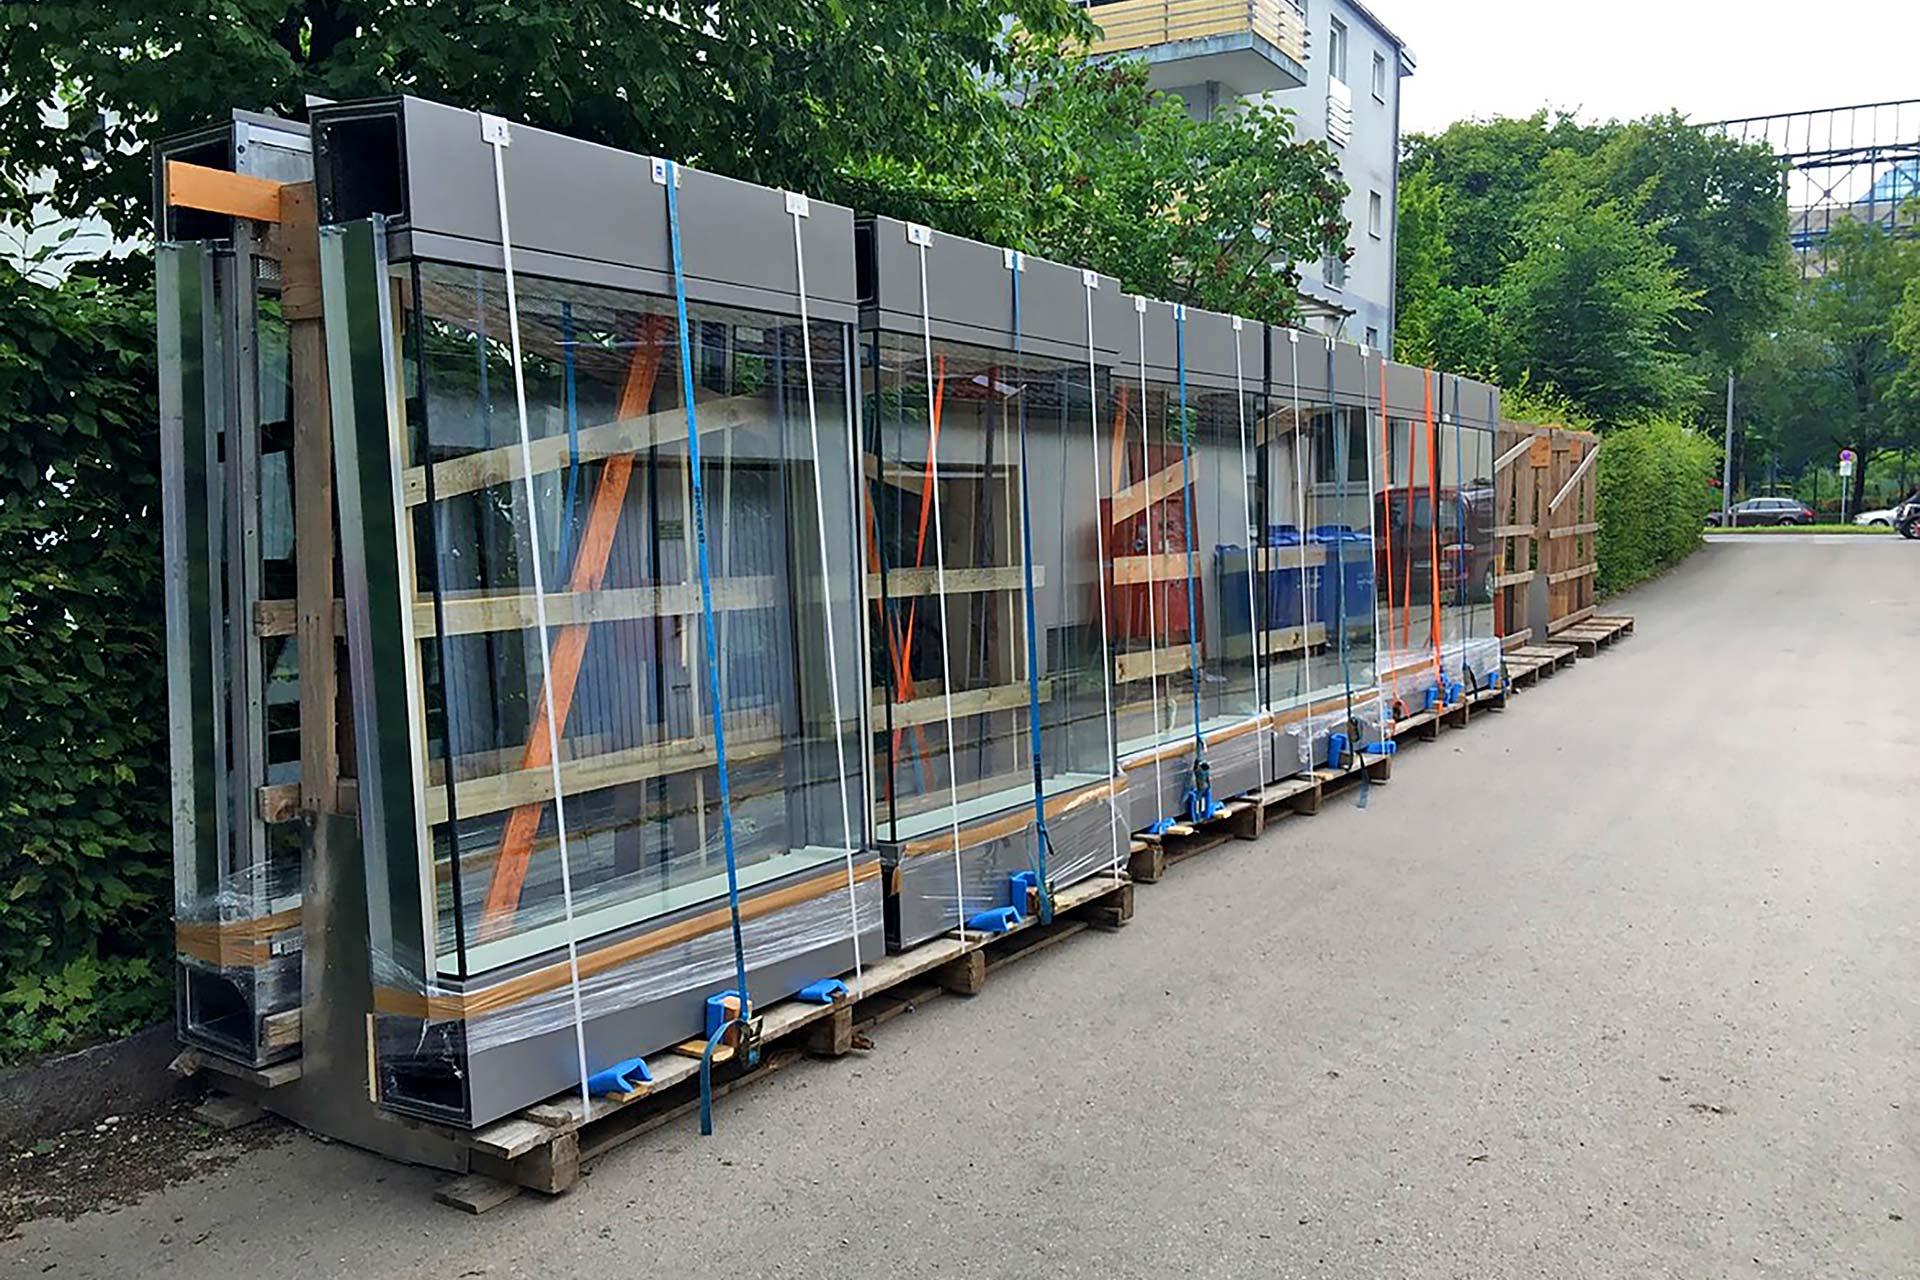 Projekte: Chiemgaustraße in München (2020-2021) - Anbringen von Schallschutzelementen